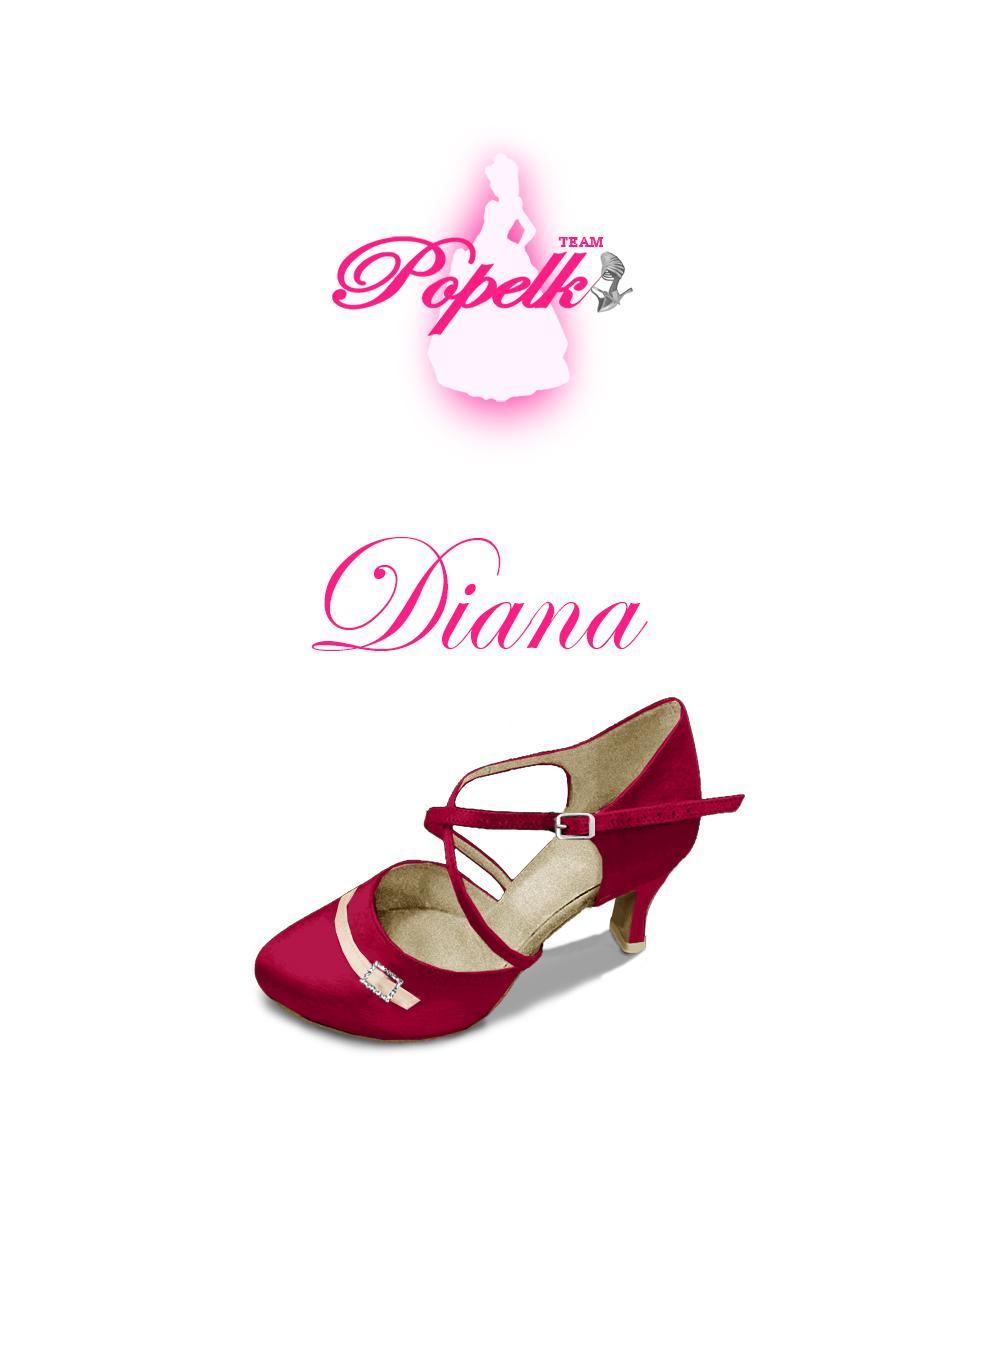 Svadobné topánky s úpravou na želanie - inšpirácie bordó, hnědá, čokoládová - Obrázok č. 36